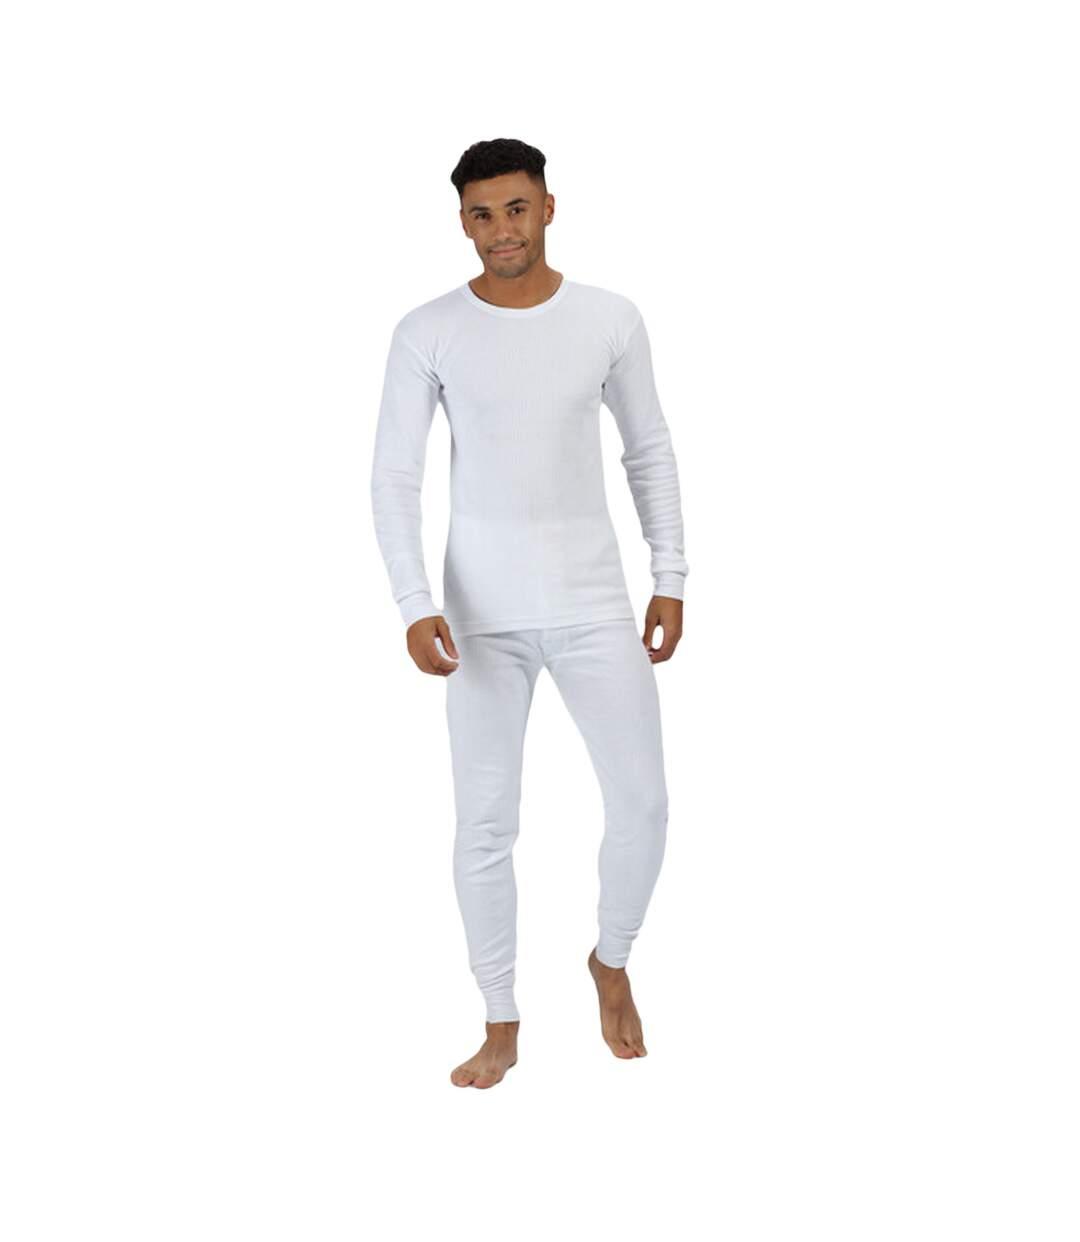 Regatta - T-shirt thermique à manches longues - Homme (Blanc) - UTRG1430